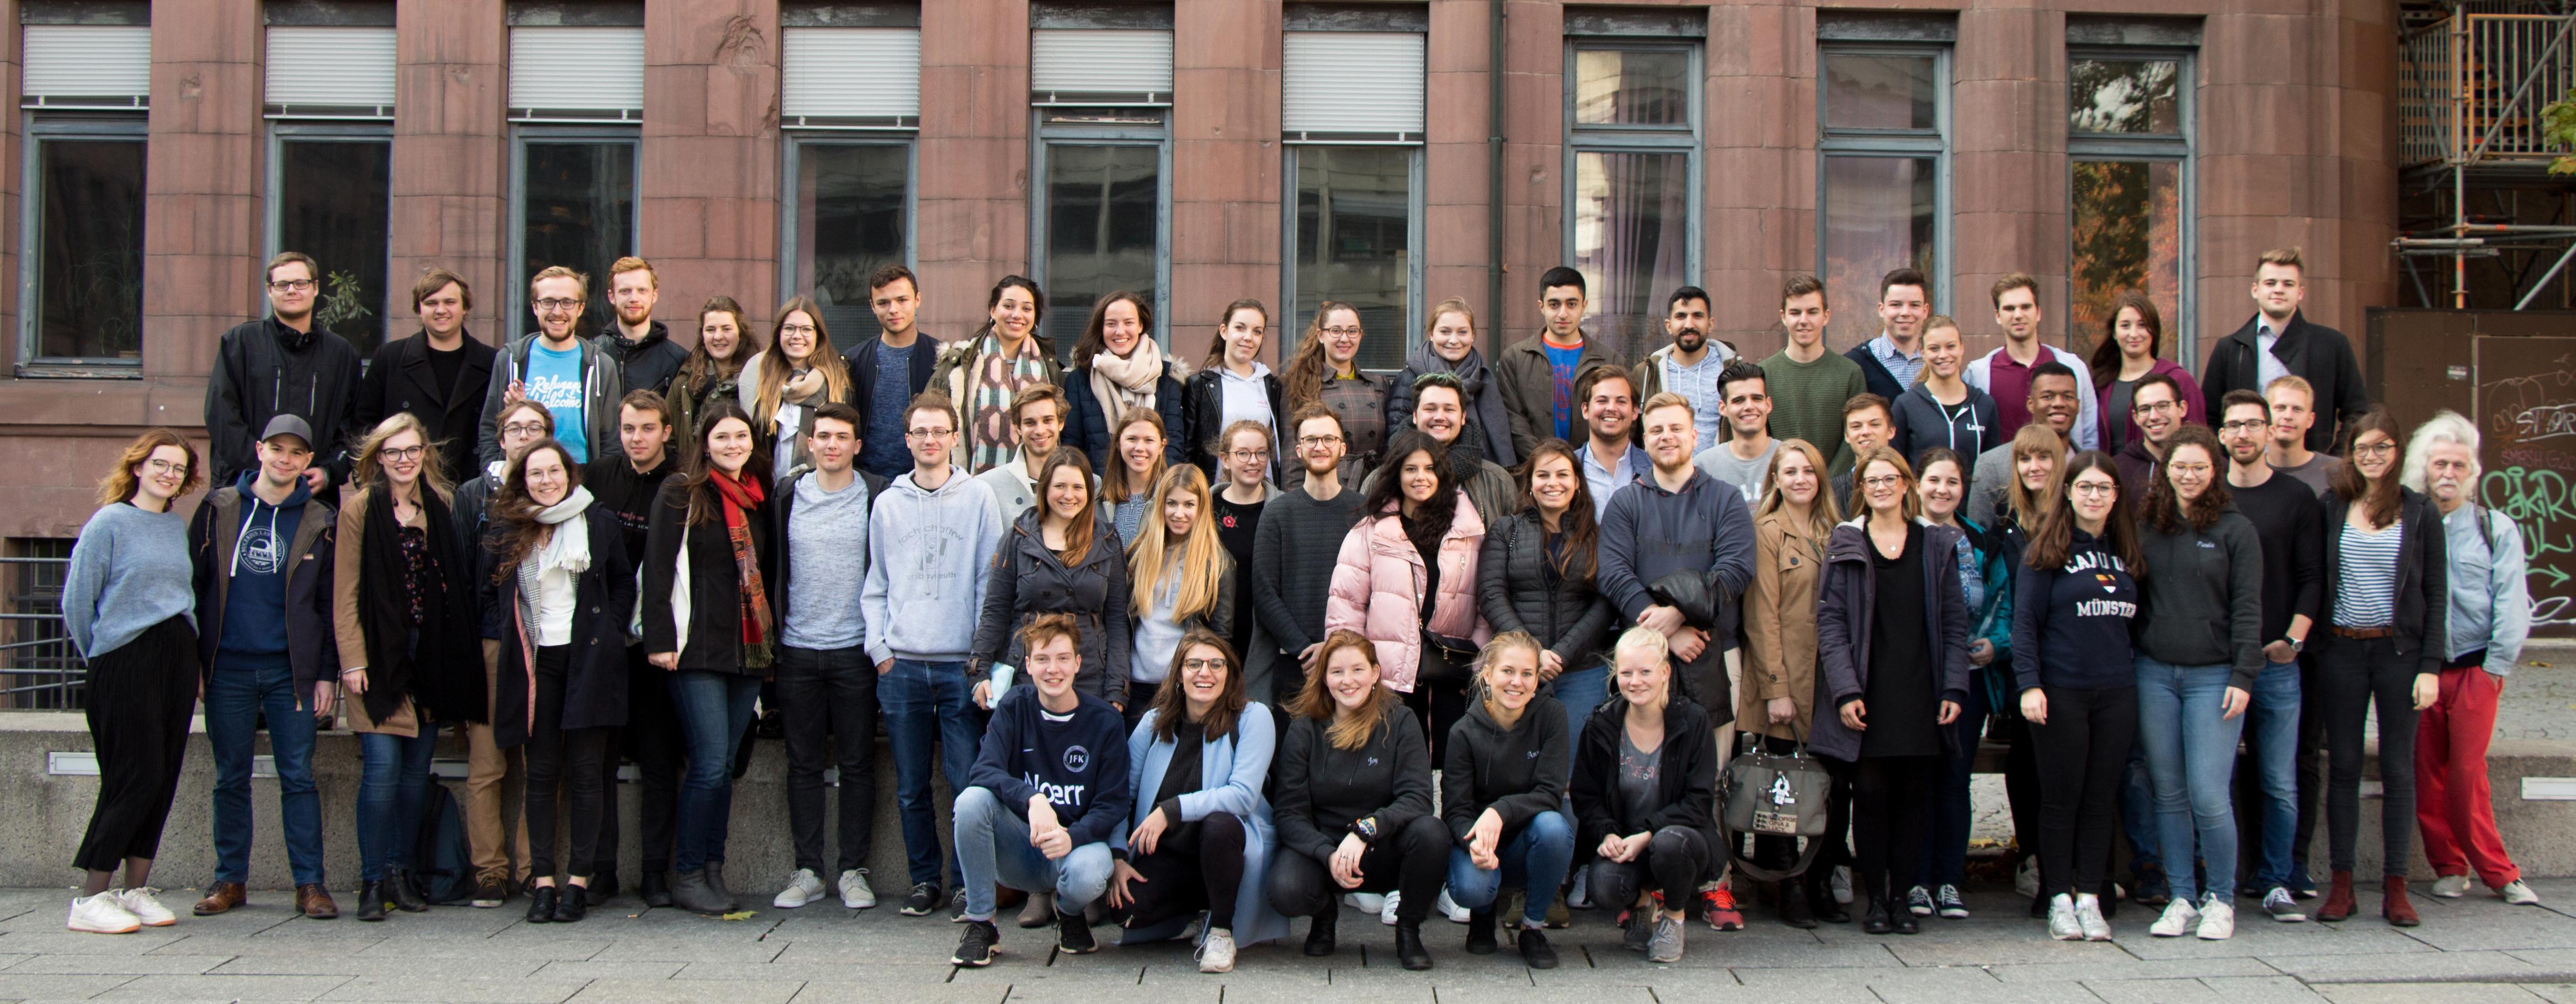 Gruppenfoto APT 2018 Freiburg